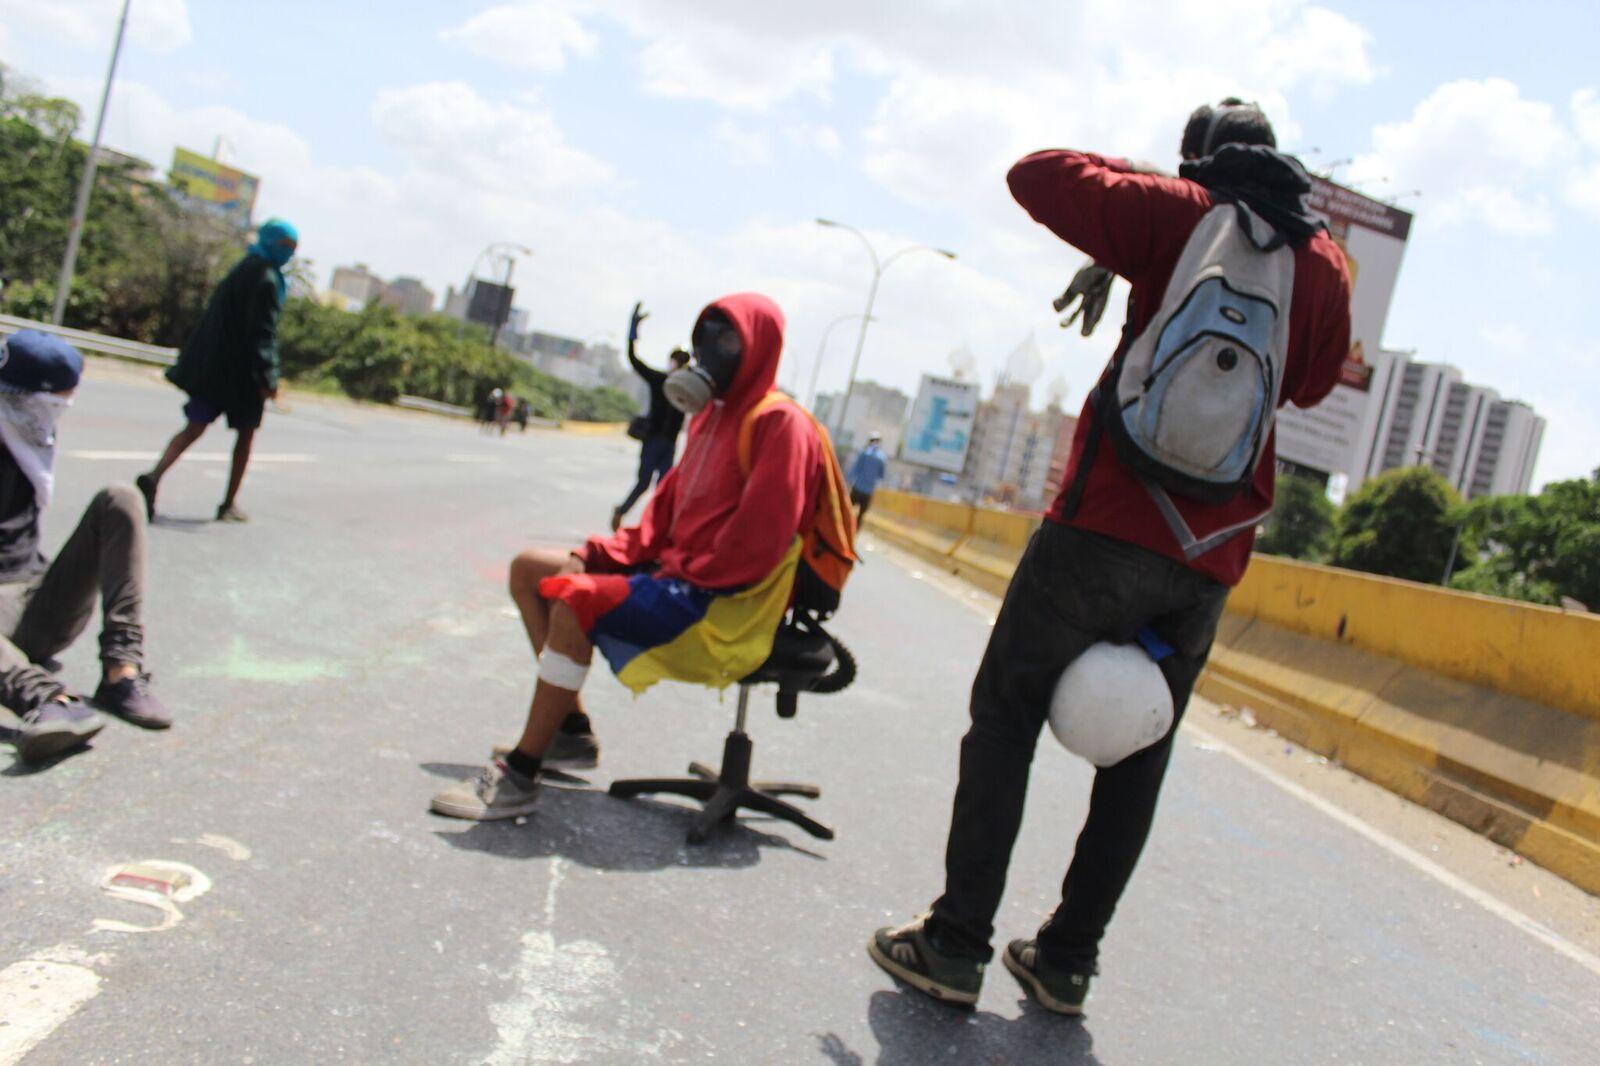 Foto: Manifestación en la Autopista Francisco Fajardo 27 de mayo / Regulo Gómez